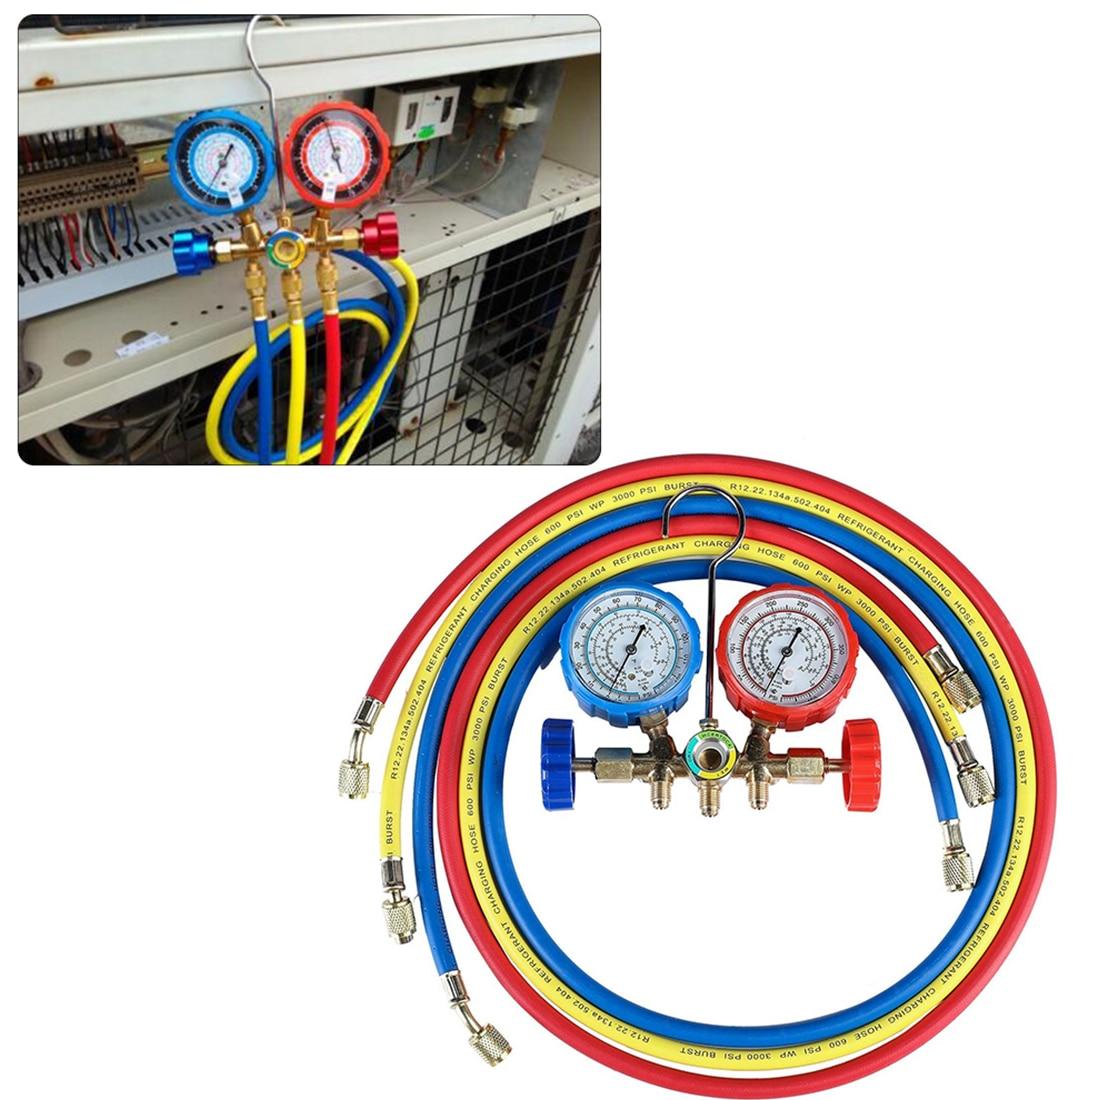 Комбинированный манометр для кондиционера, комплект оборудования для кондиционирования, комбинированный манометр для кондиционеров, ламп...